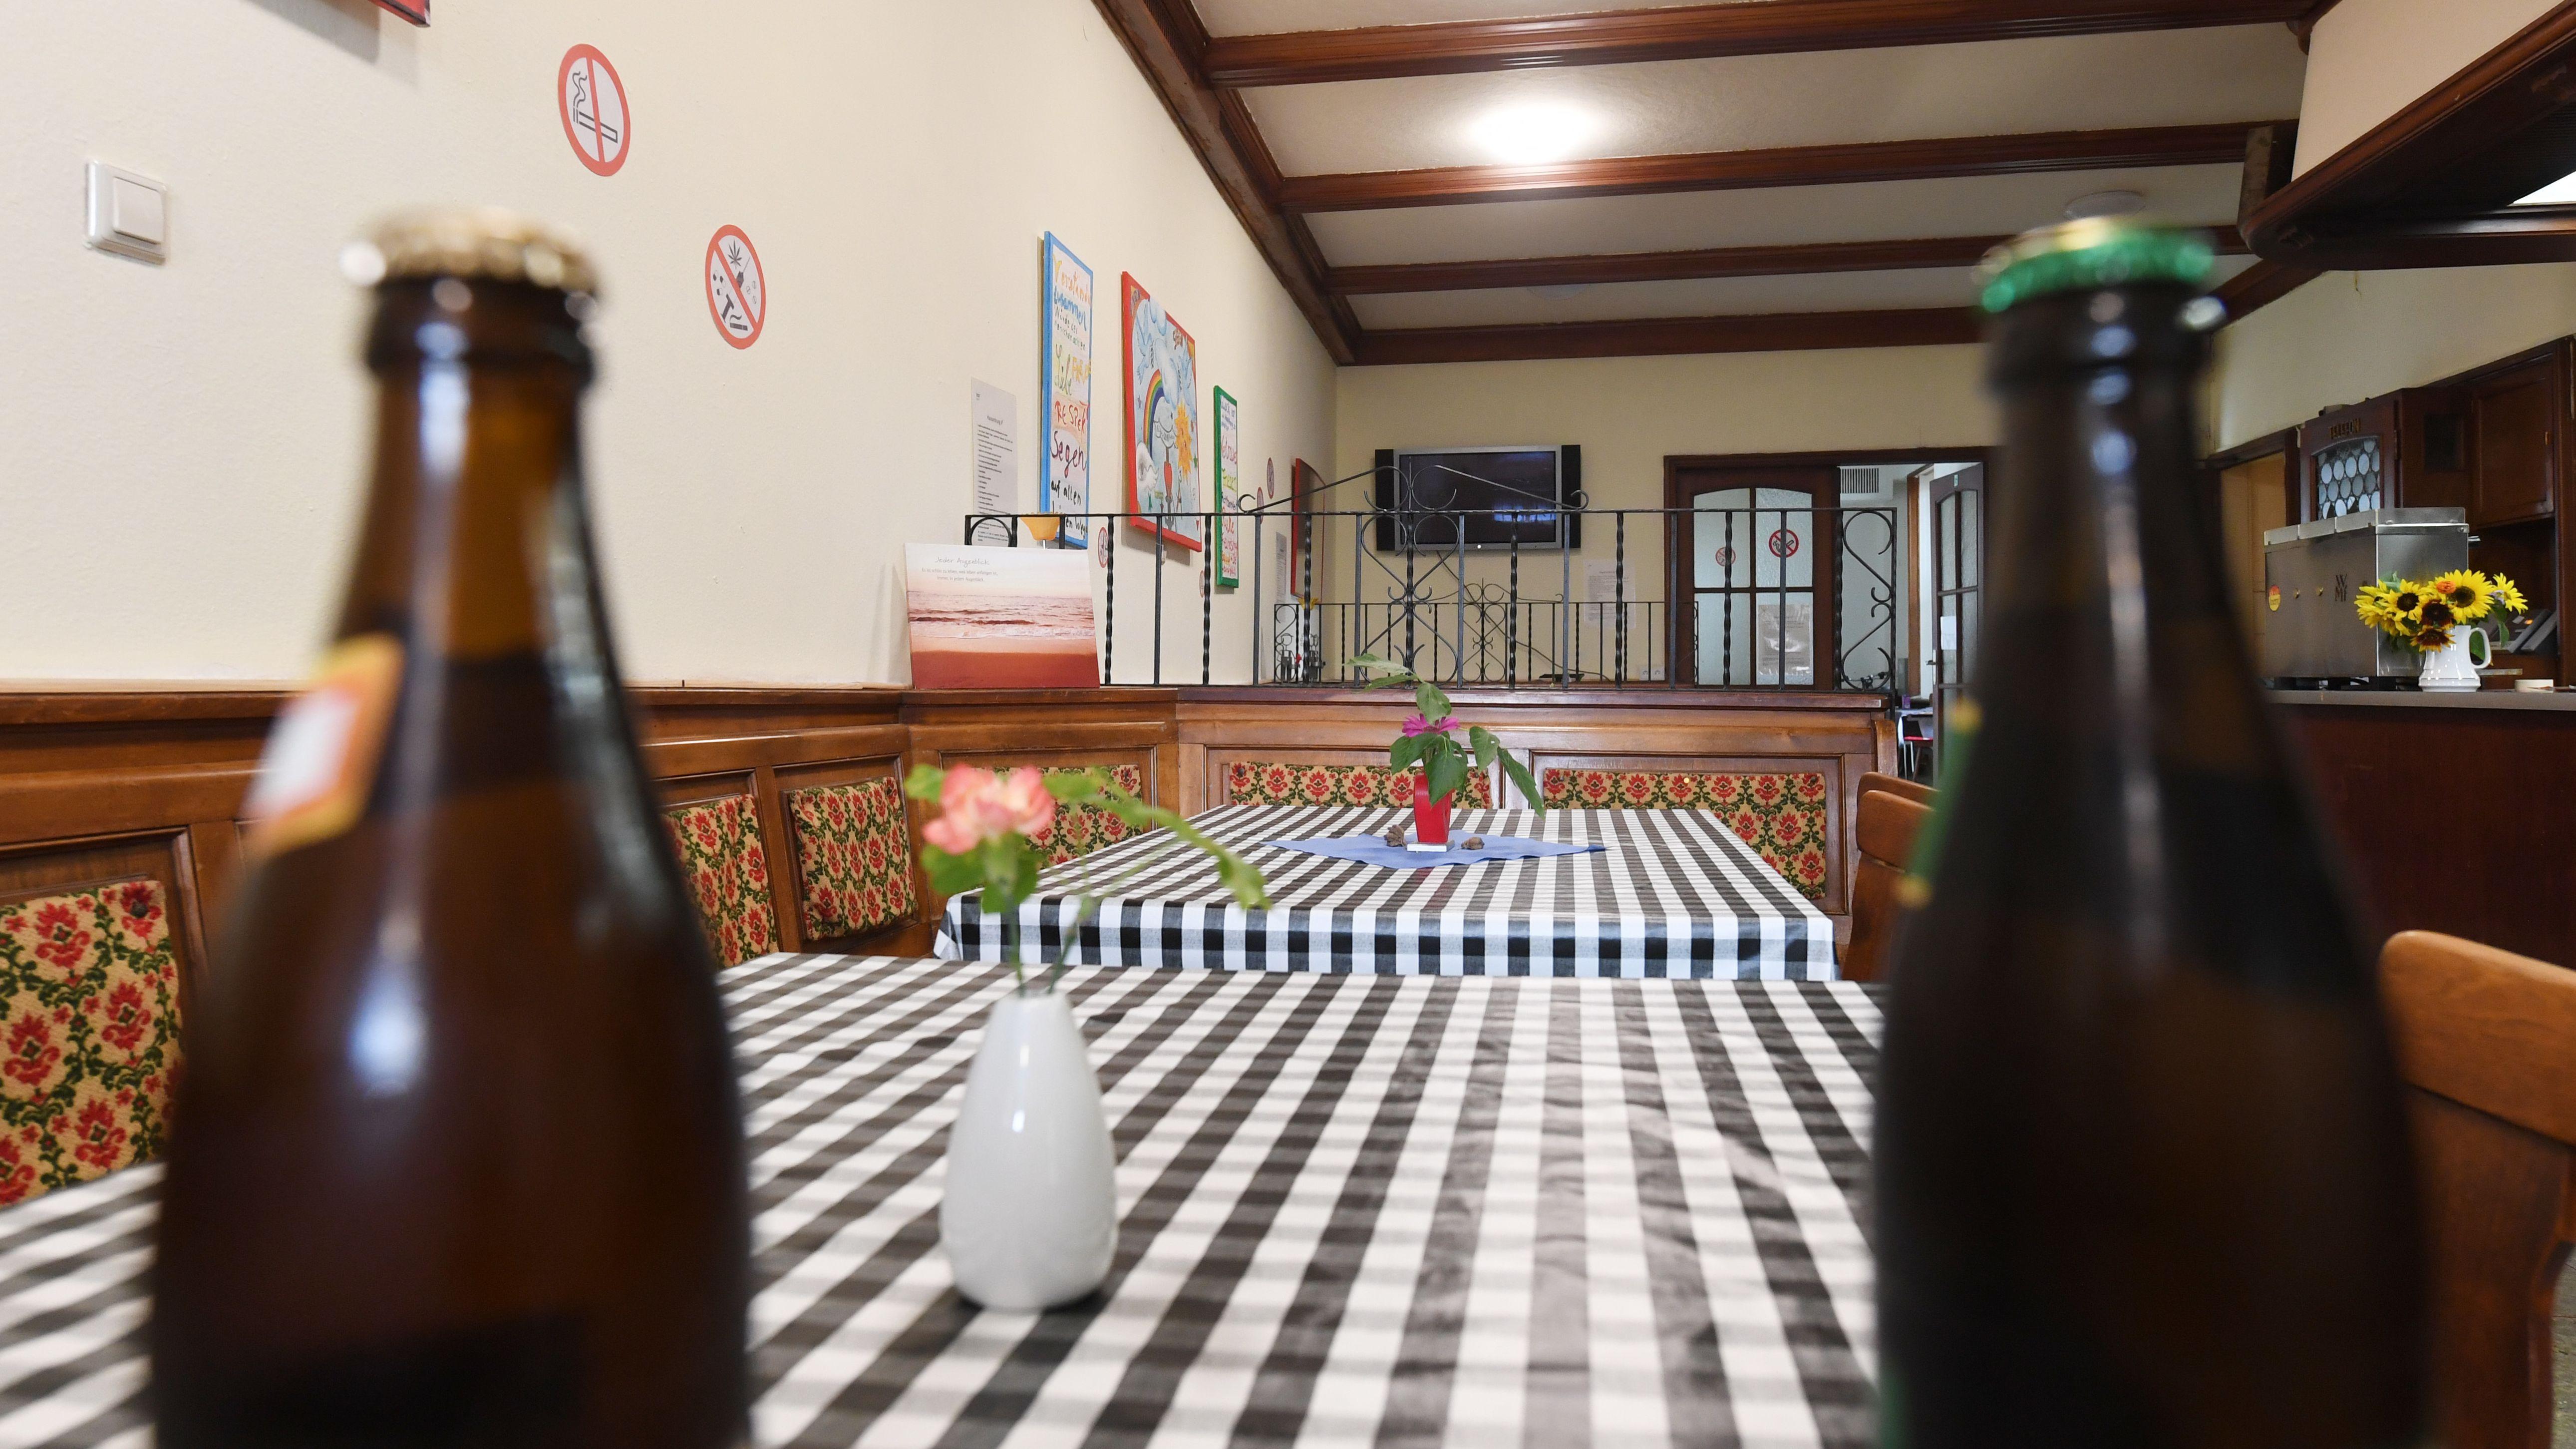 Blick in eine Gaststätte